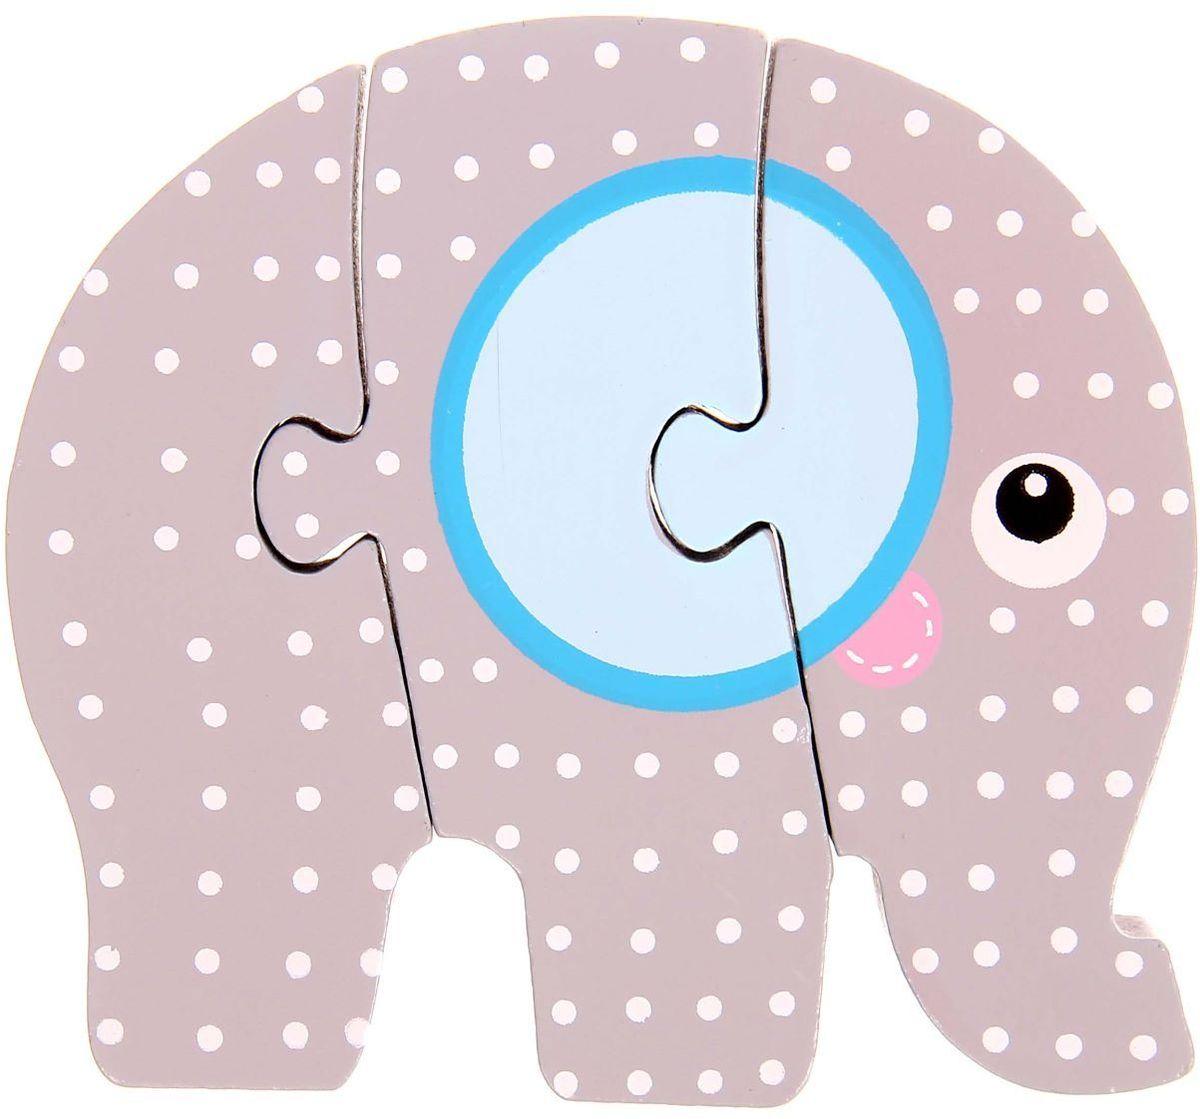 Лесная мастерская Пазл для малышей Слон 1160411 лесная мастерская пазл для малышей олень